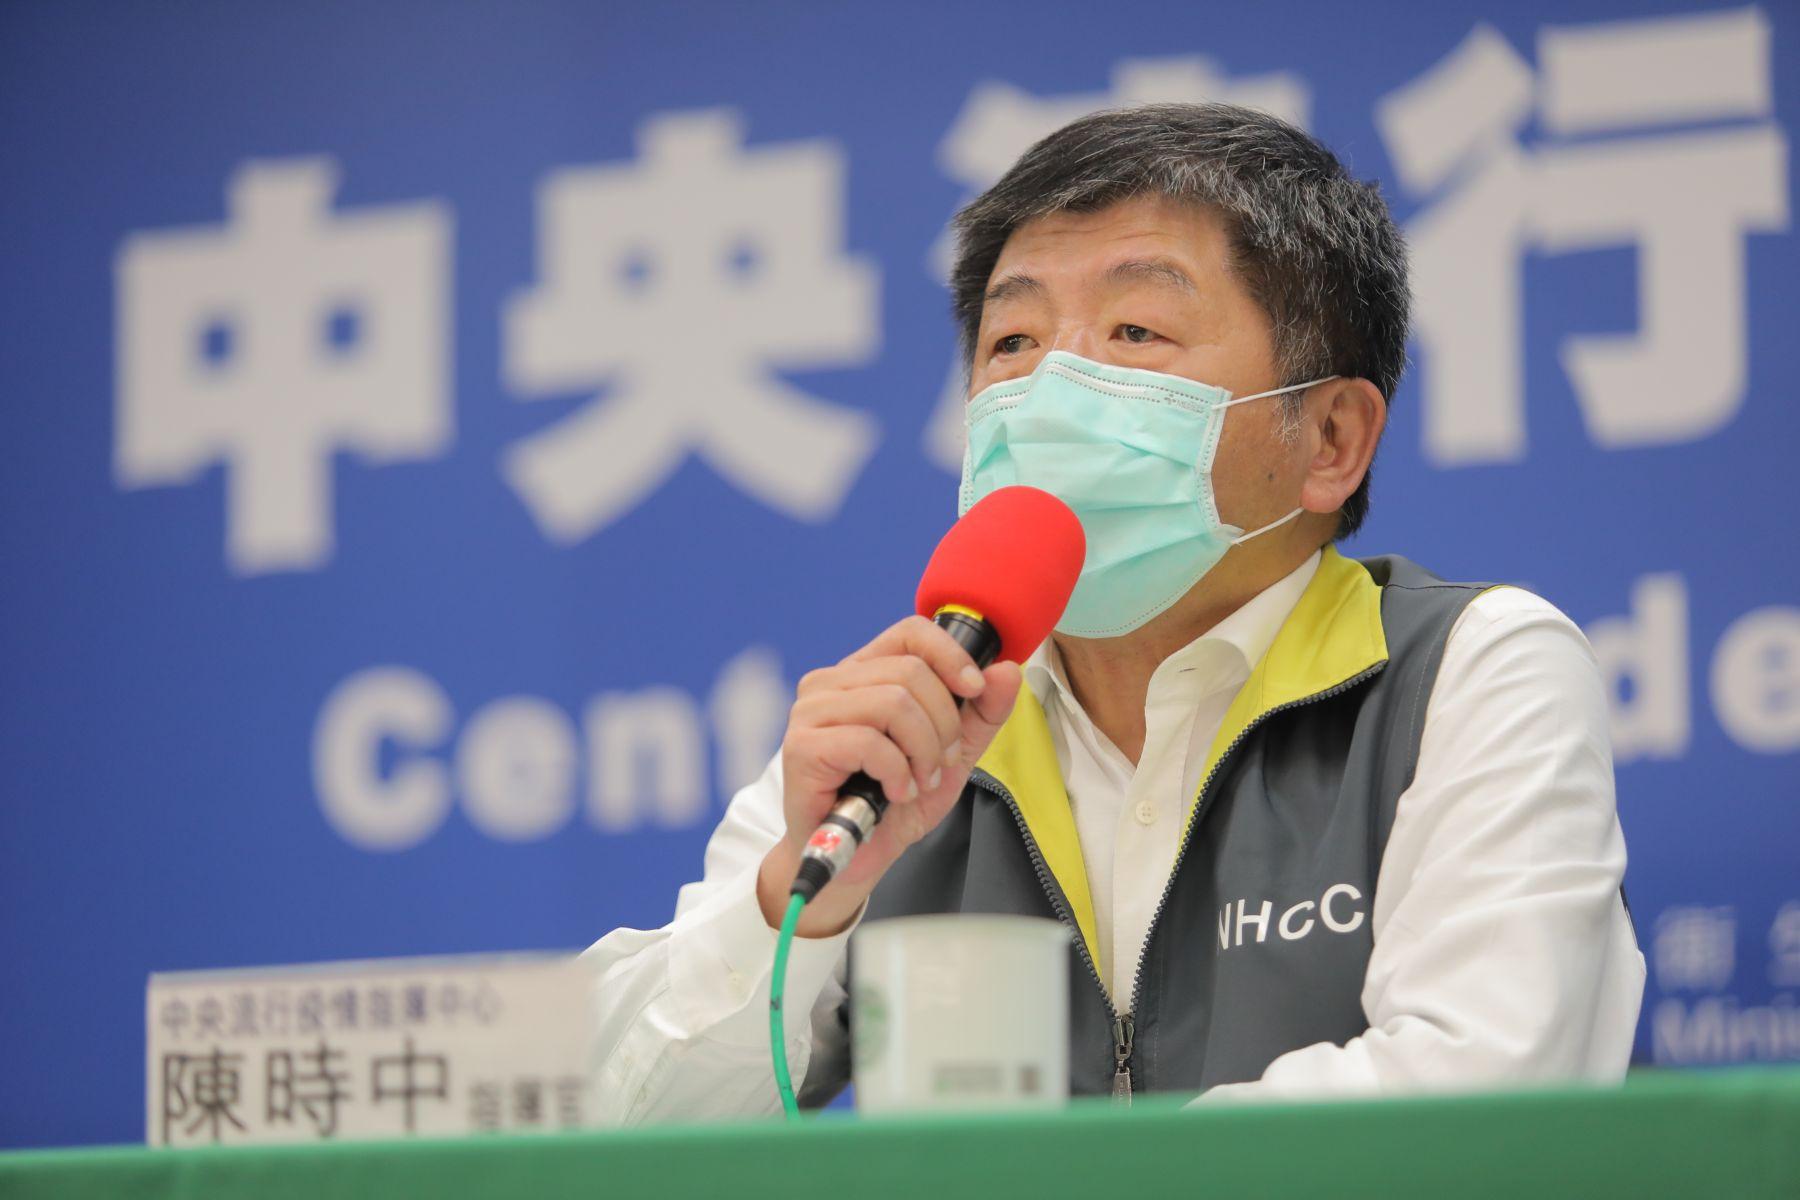 台灣獲CNN選為「4大防疫成功國」之一 靠4招破解「超悲觀確診案例預估」